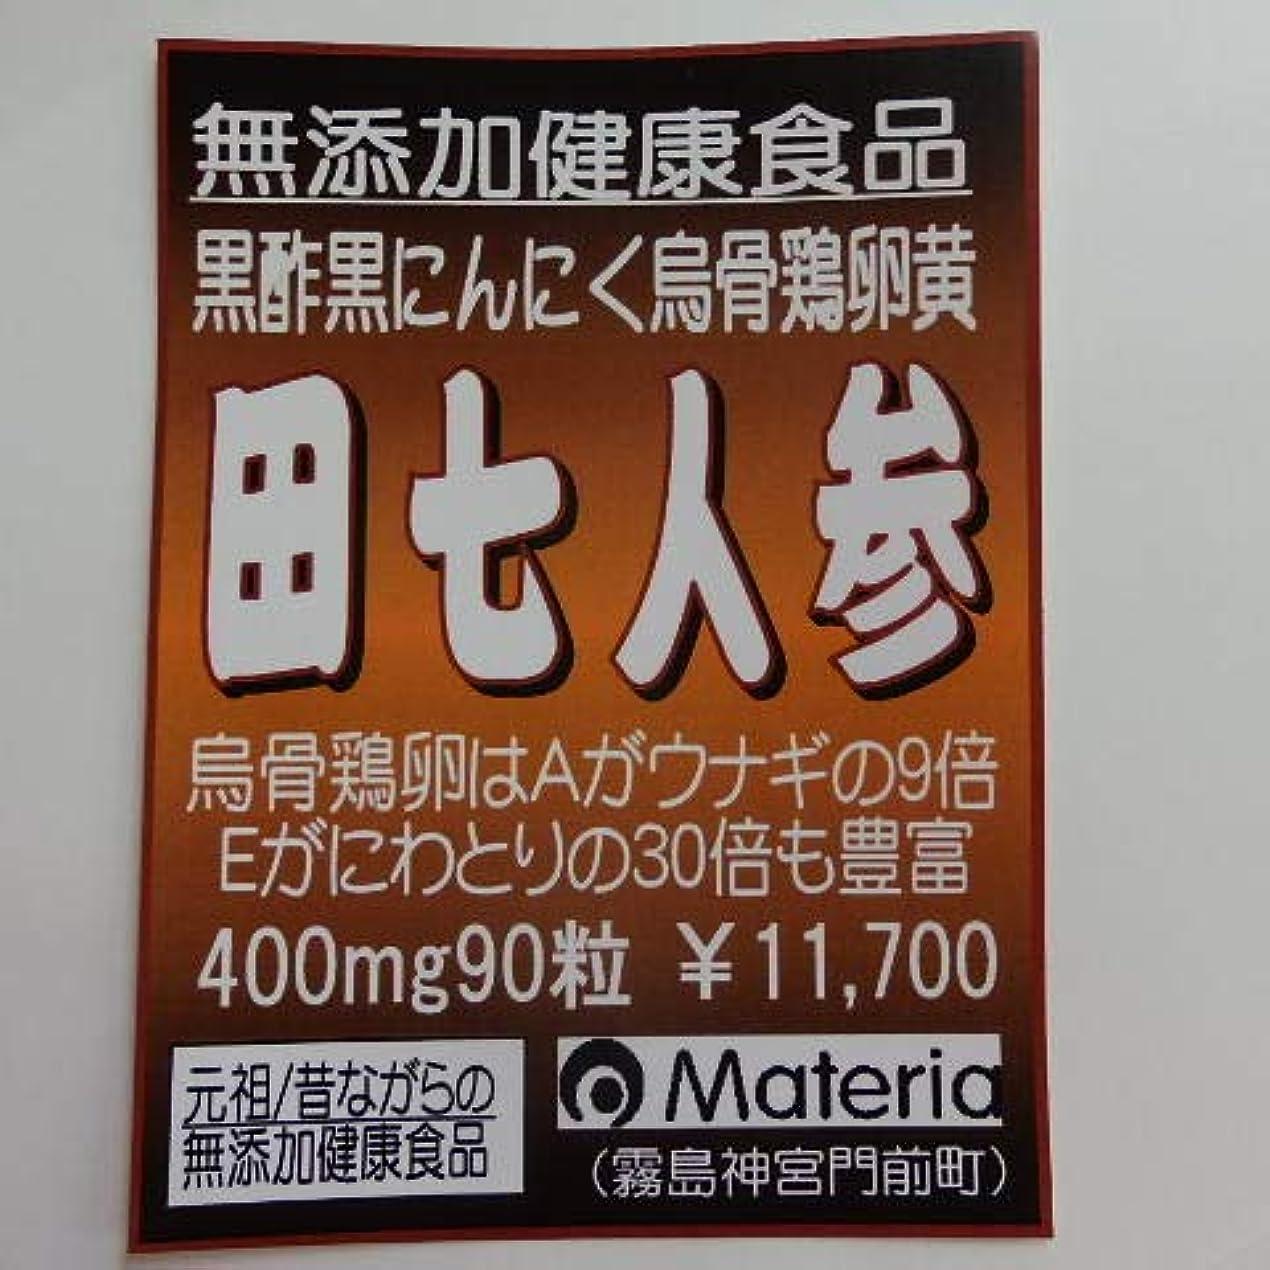 資源コンクリート事故無添加健康食品/黒酢黒にんにく烏骨鶏卵黄/田七人参(90粒)90日分¥11,700